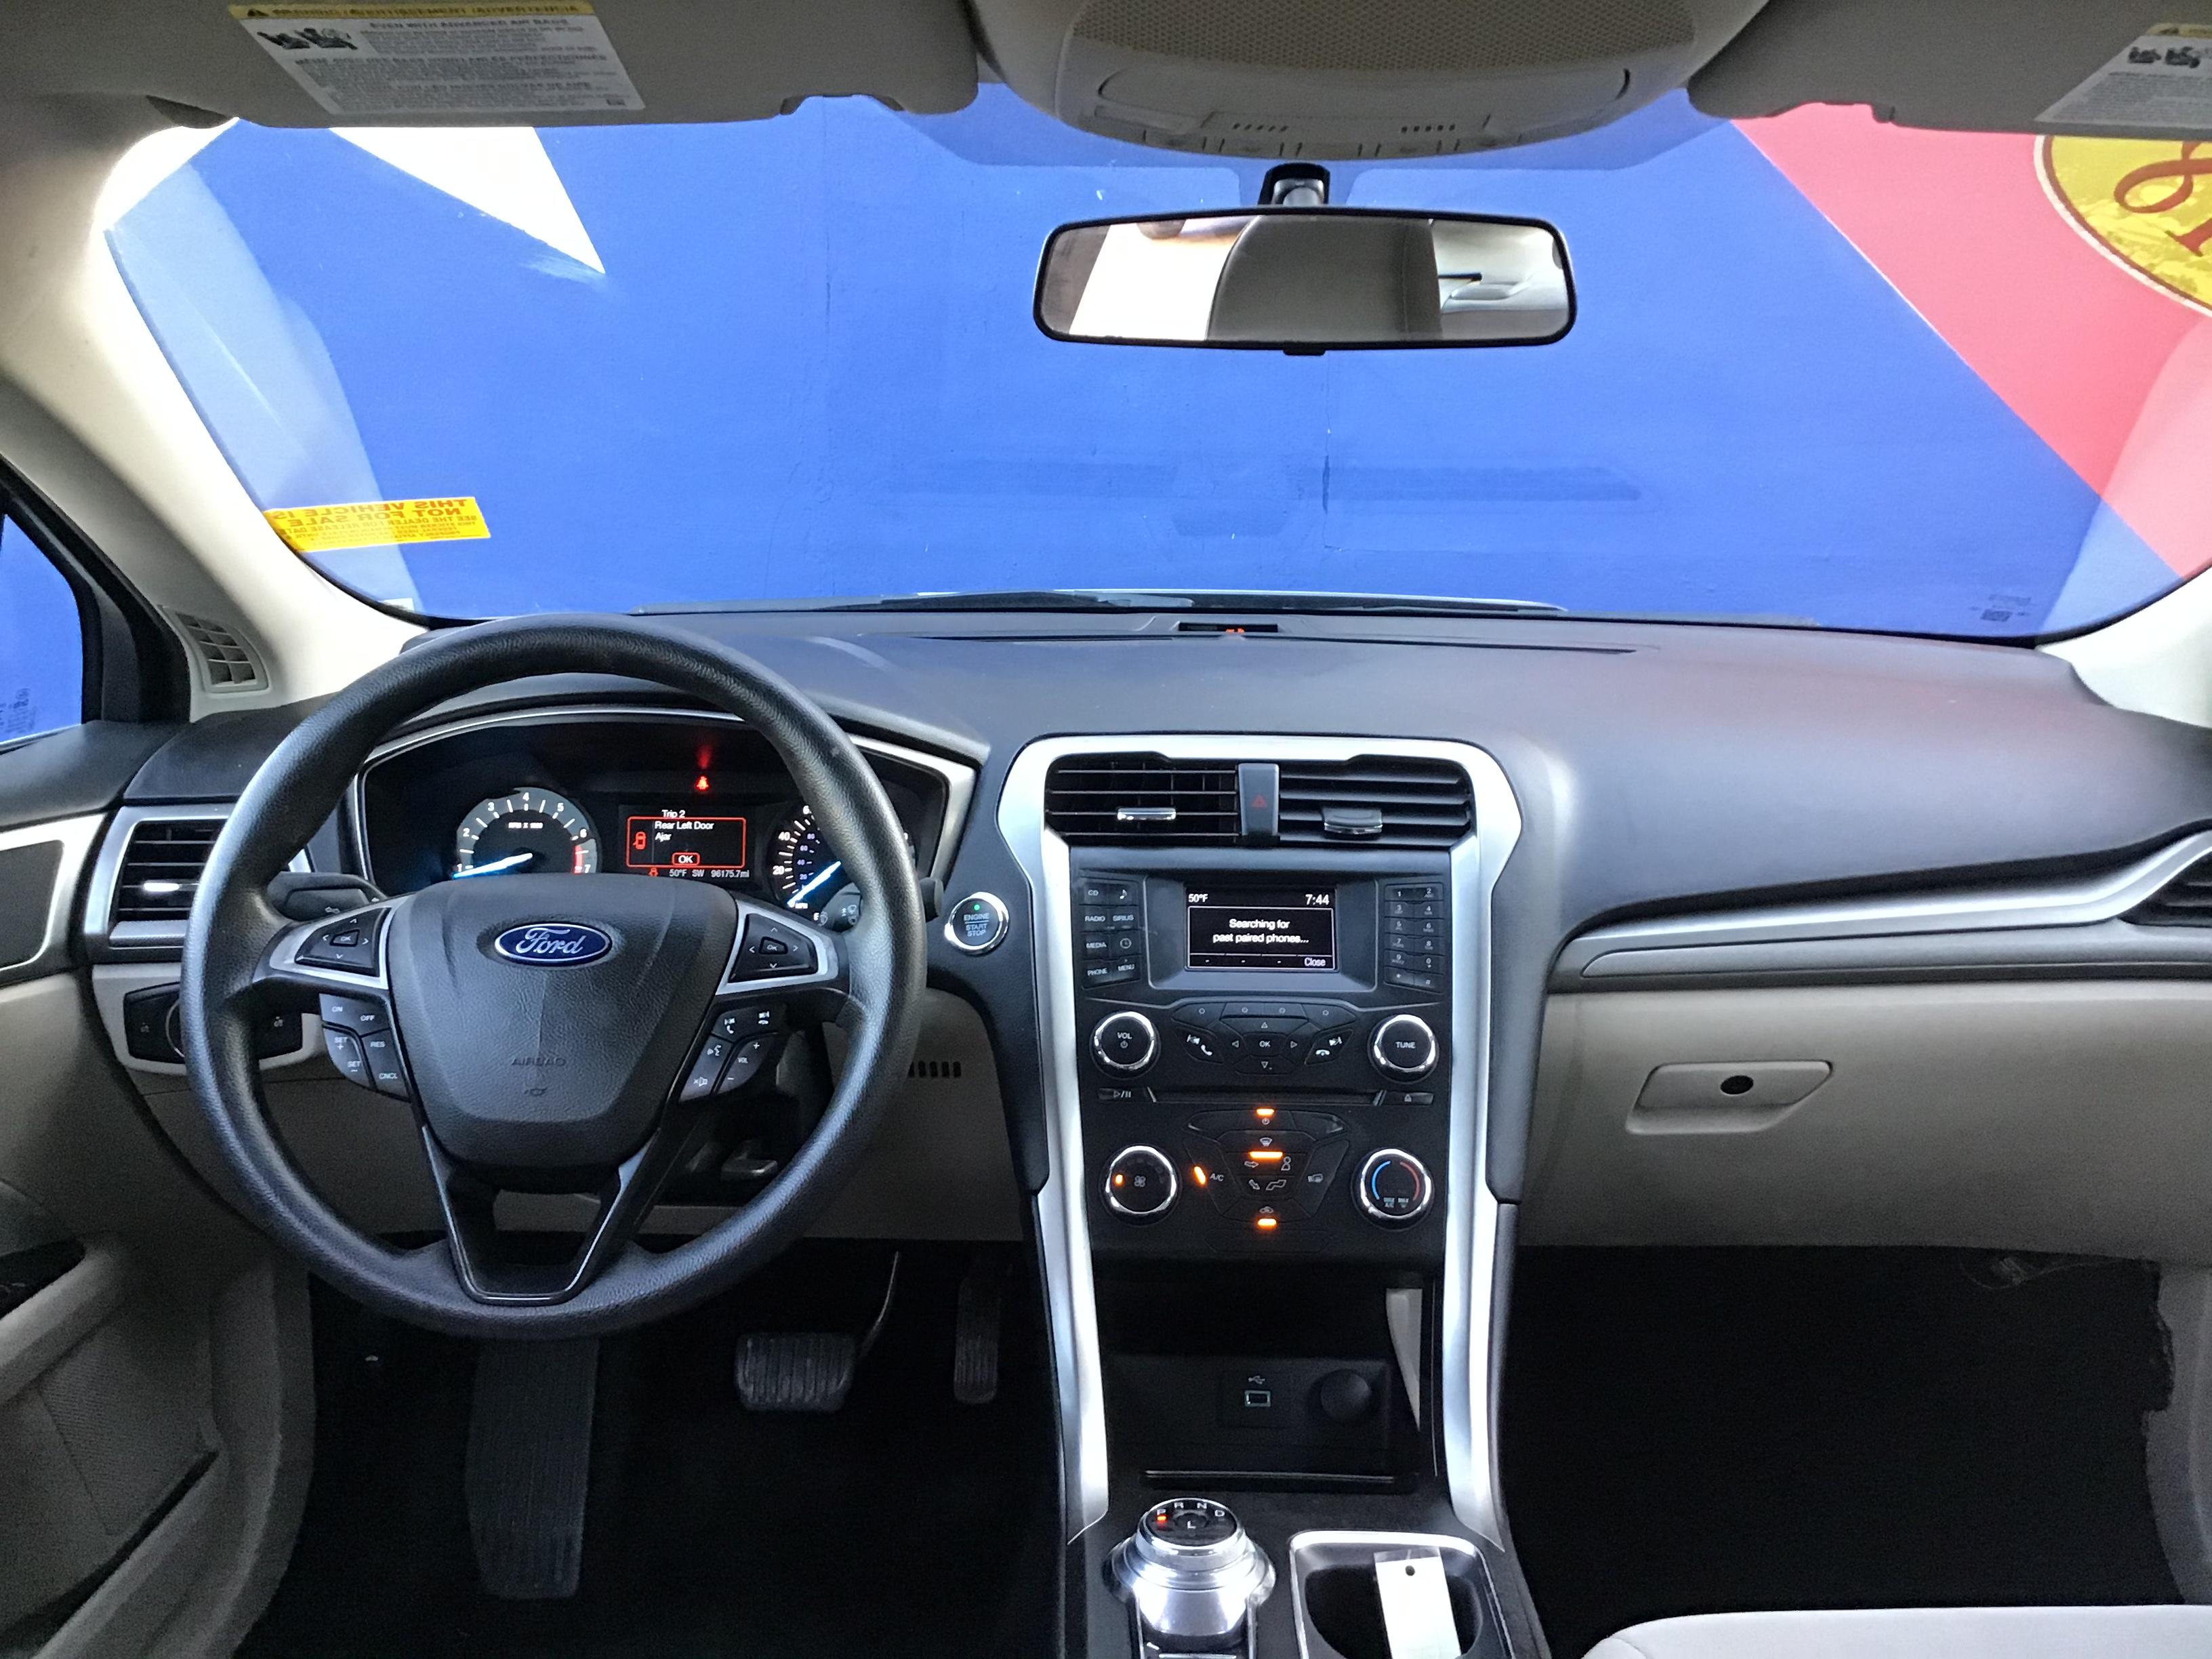 used vehicle - Sedan FORD FUSION 2018